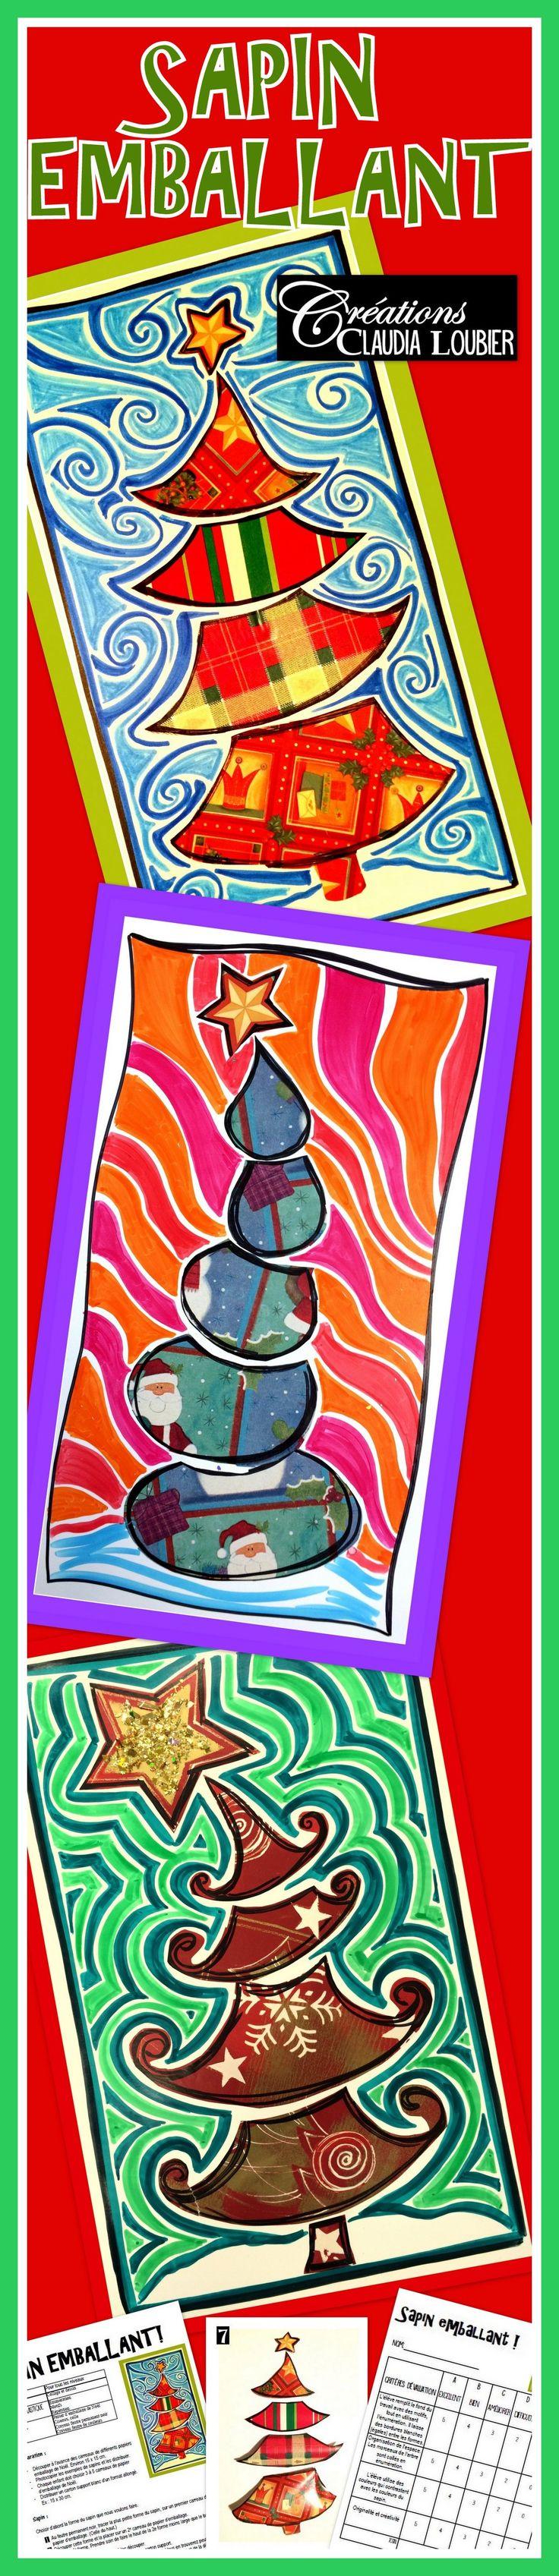 Voici une façon originale de faire une oeuvre de Noël avec vos élèves. Ce projet est idéal pour réaliser une carte. Vous aurez besoin de matériel simple comme du feutre permanent, du feutre de couleur ordinaire et du papier emballage de Noël. Comme dans tous mes projets, la démarche, les photos explicatives et la grille d'évaluation sont comprises dans le document. Pour favoriser la diversité dans les réalisations, 6 exemples de sapin sont en annexe. Arts plastiques.